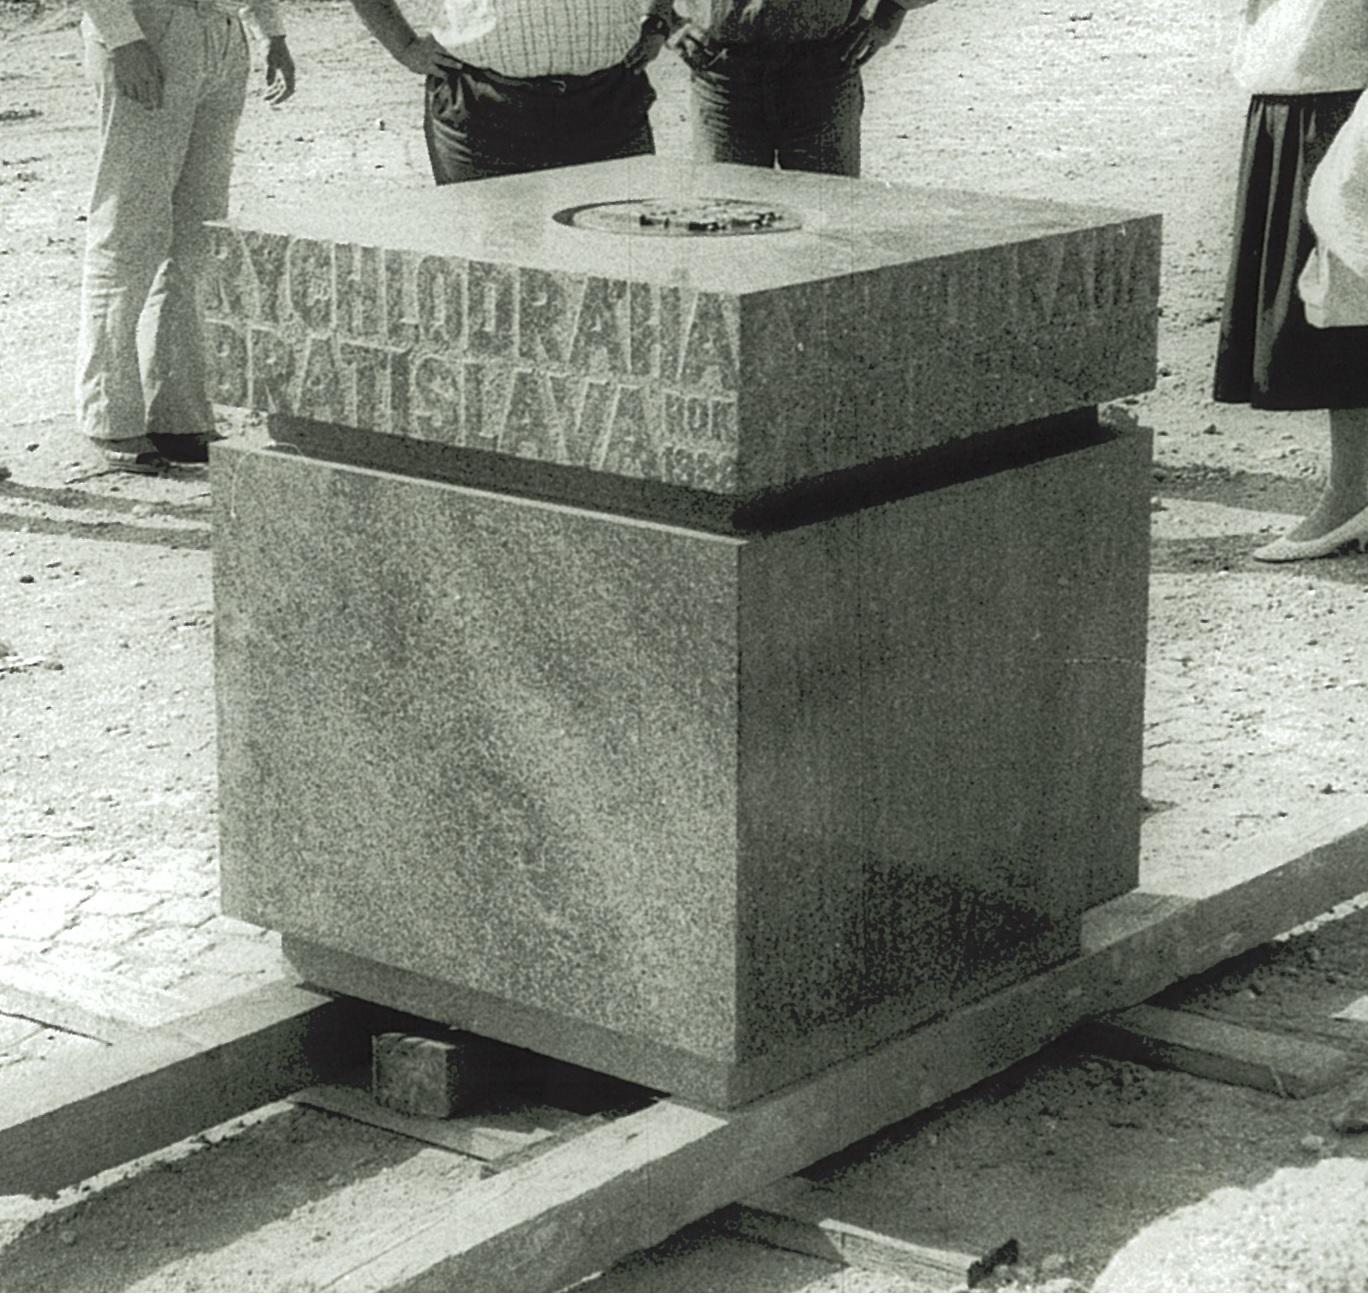 Takto vypadal základní kámen metra (rychlodráhy) v Bratislavě. Máte zprávy o jeho osudu? (sbírka: Peter Martinko)